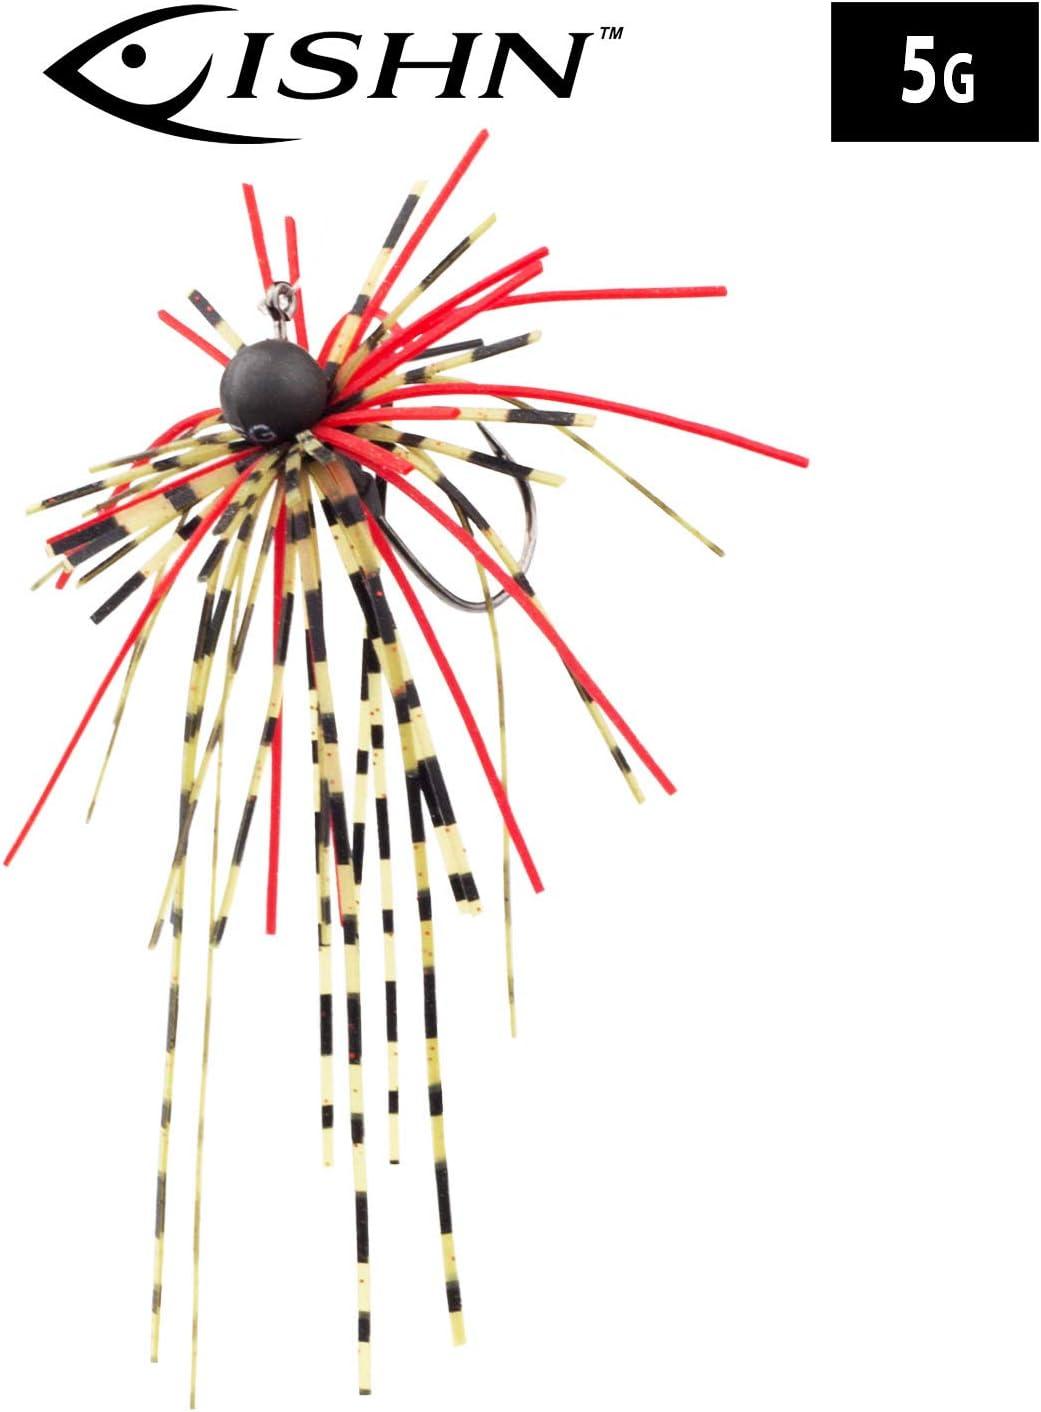 Barsch und Zander Gummik/öder Weedguard Silikonfransen Hecht FISHN/® Dirty Hairy Jig Tungsten scharfer Haken f/ängige Fransen Gewicht: 2,5g//5g Rubber Jigs